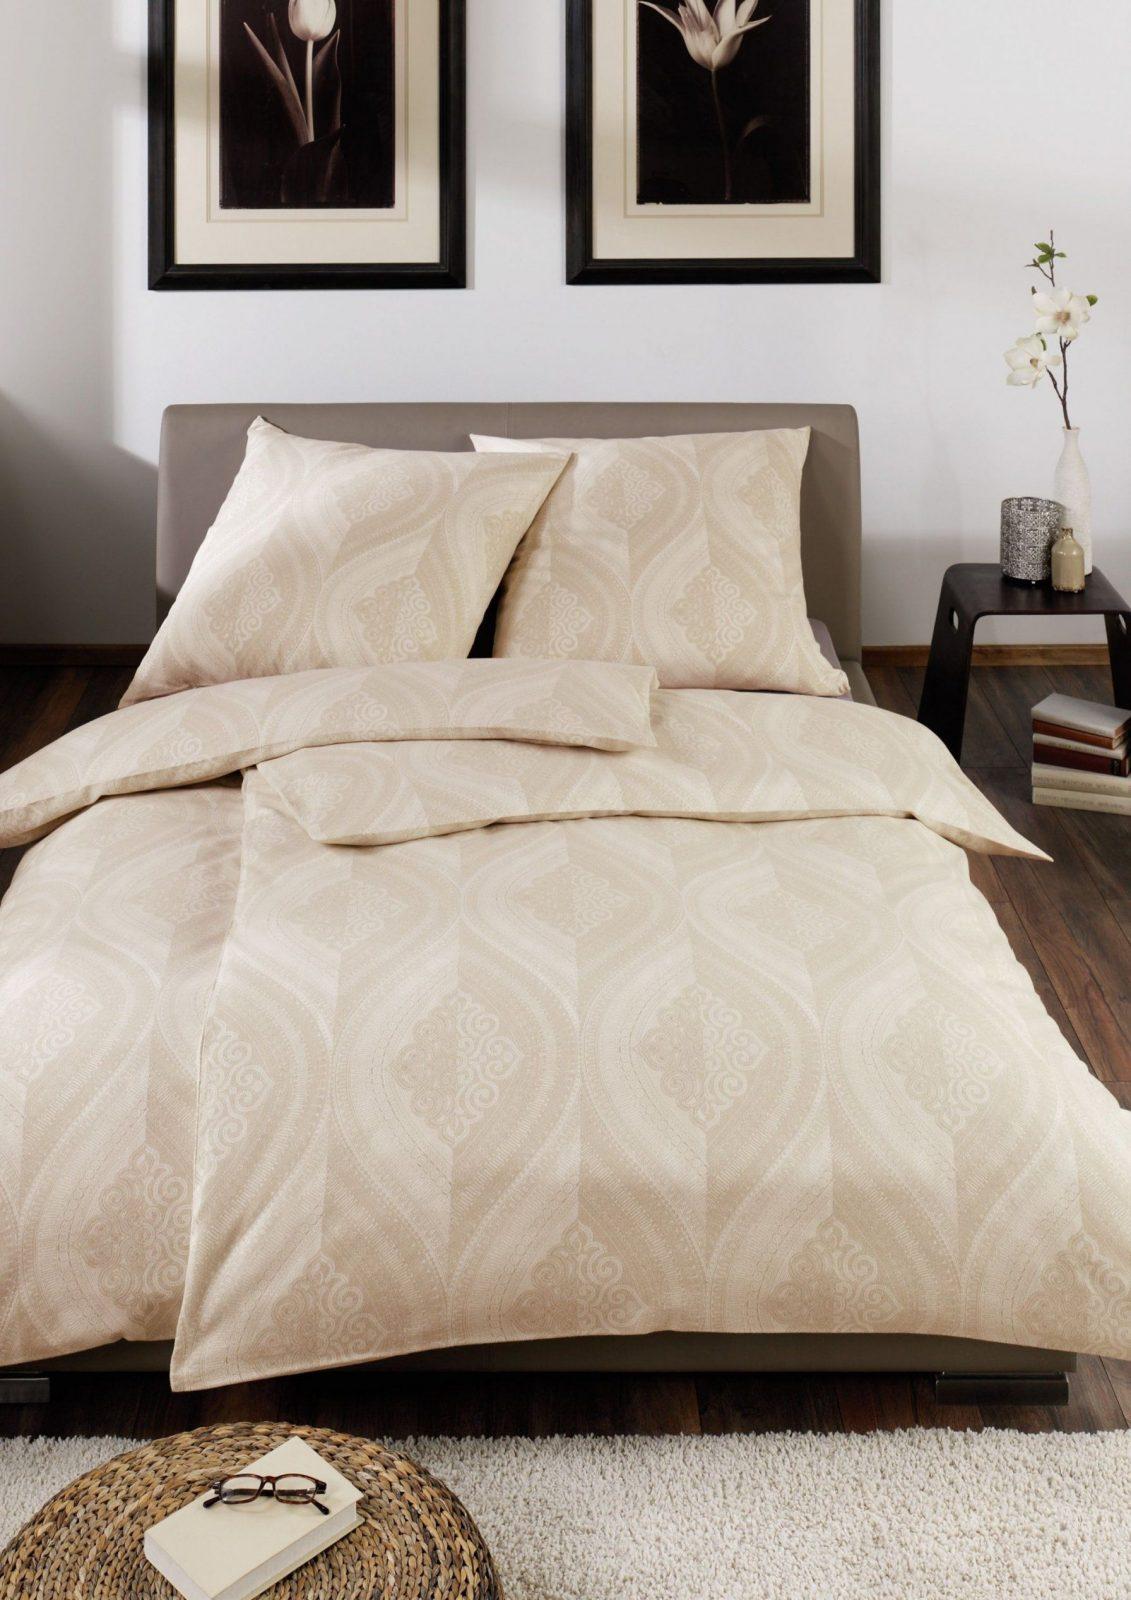 Modern Estella Bettwäsche 240X220 Bettwäsche Ideen Von Seide von Biber Bettwäsche 240X220 Ikea Bild